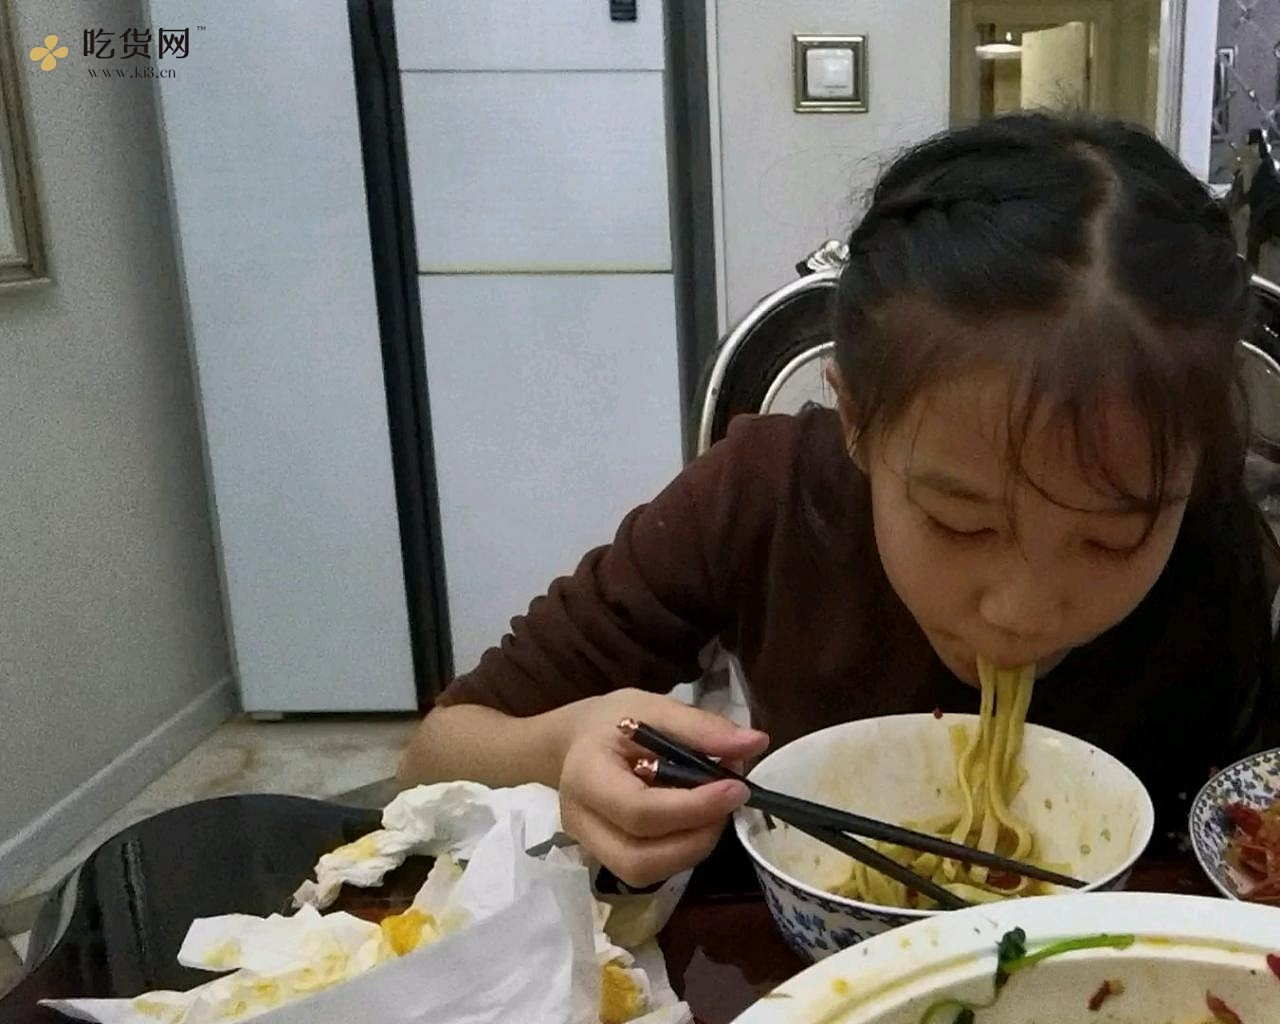 好吃到喝汤||麻辣小龙虾尾加面版的做法 步骤20